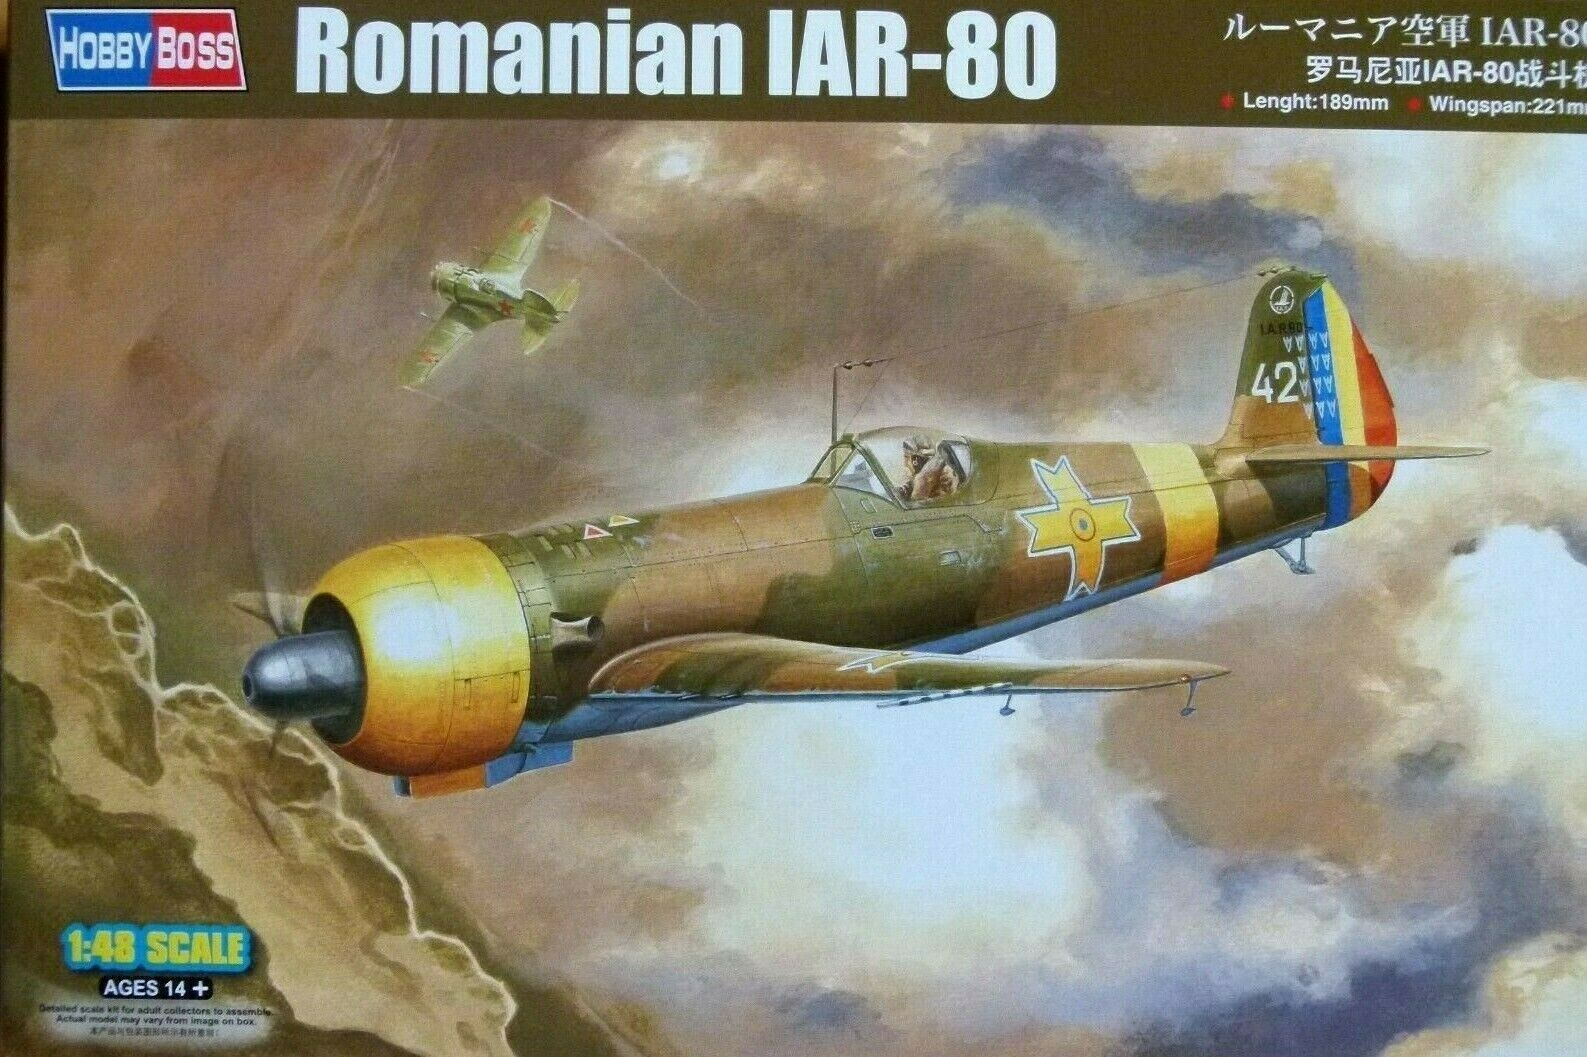 Hobbyboss 1 48 IAR-80 Romanian Aircraft Model Kit